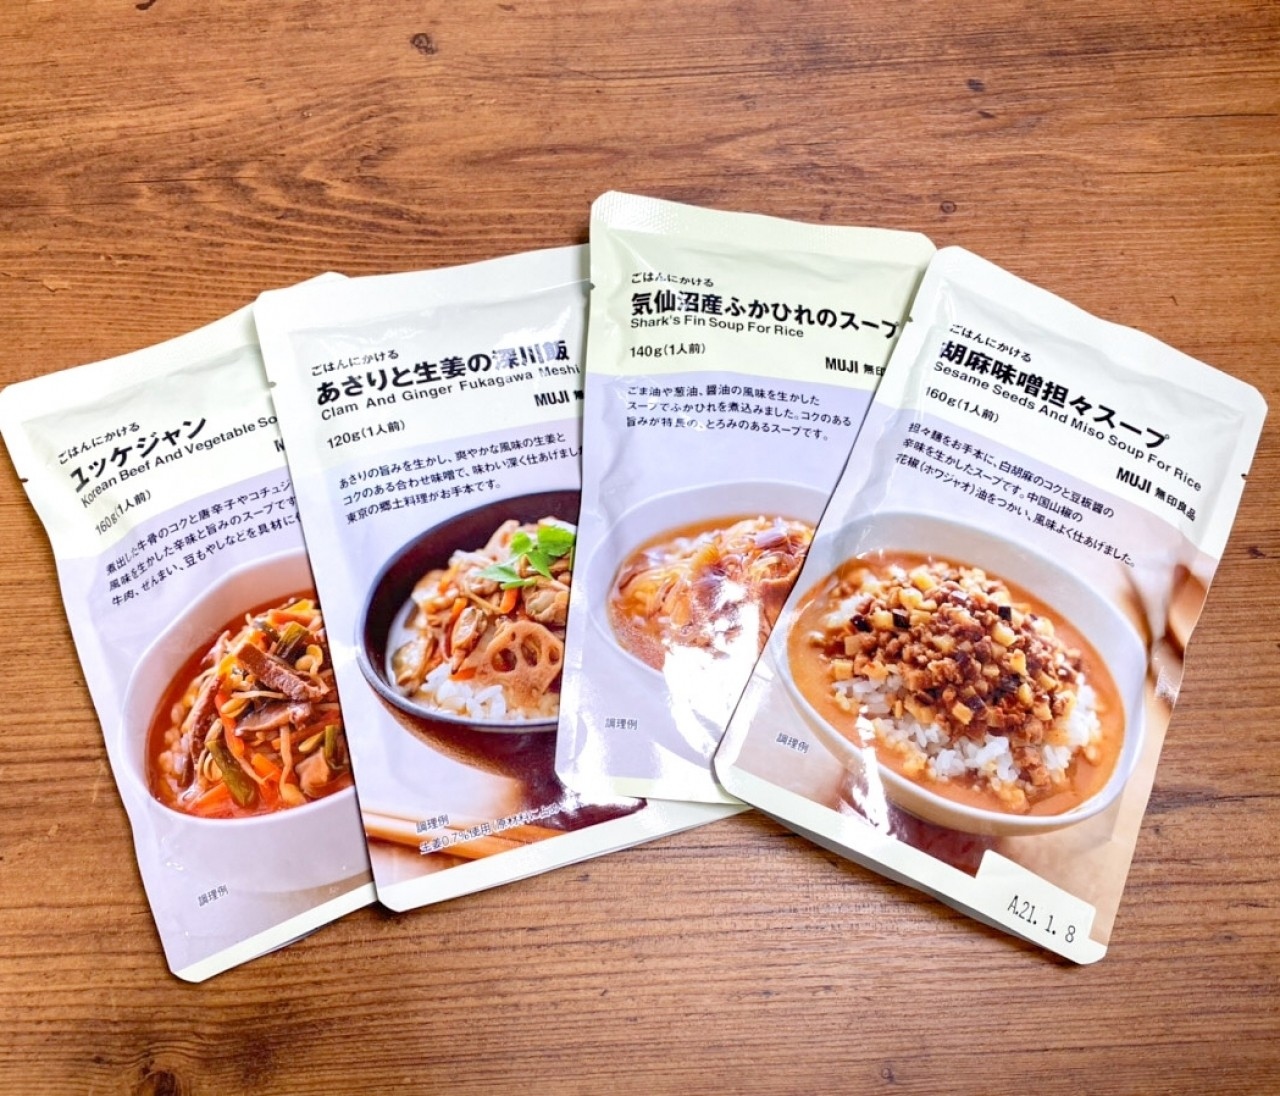 【無印良品】<ごはんにかける>シリーズが最高のご飯のおとも!